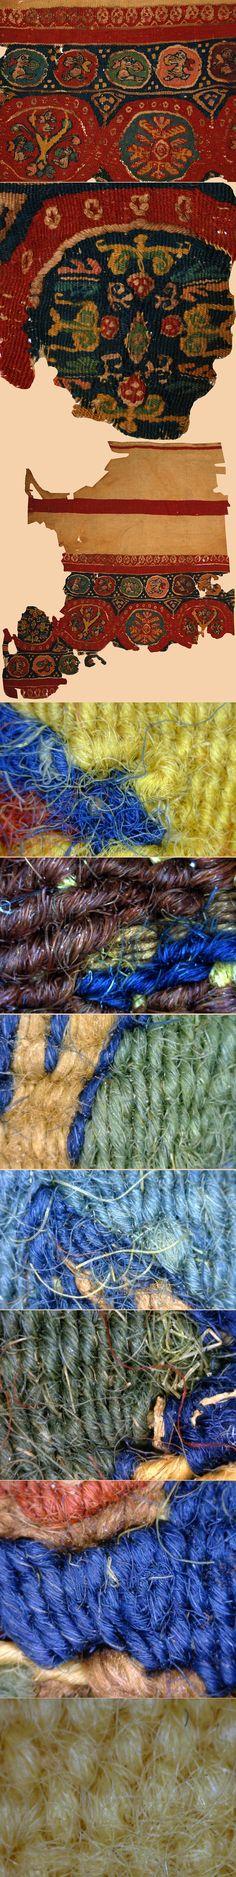 Persian Ancient Textiles - TextileAsArt.com, Fine Antique Textiles and Antique Textile Information